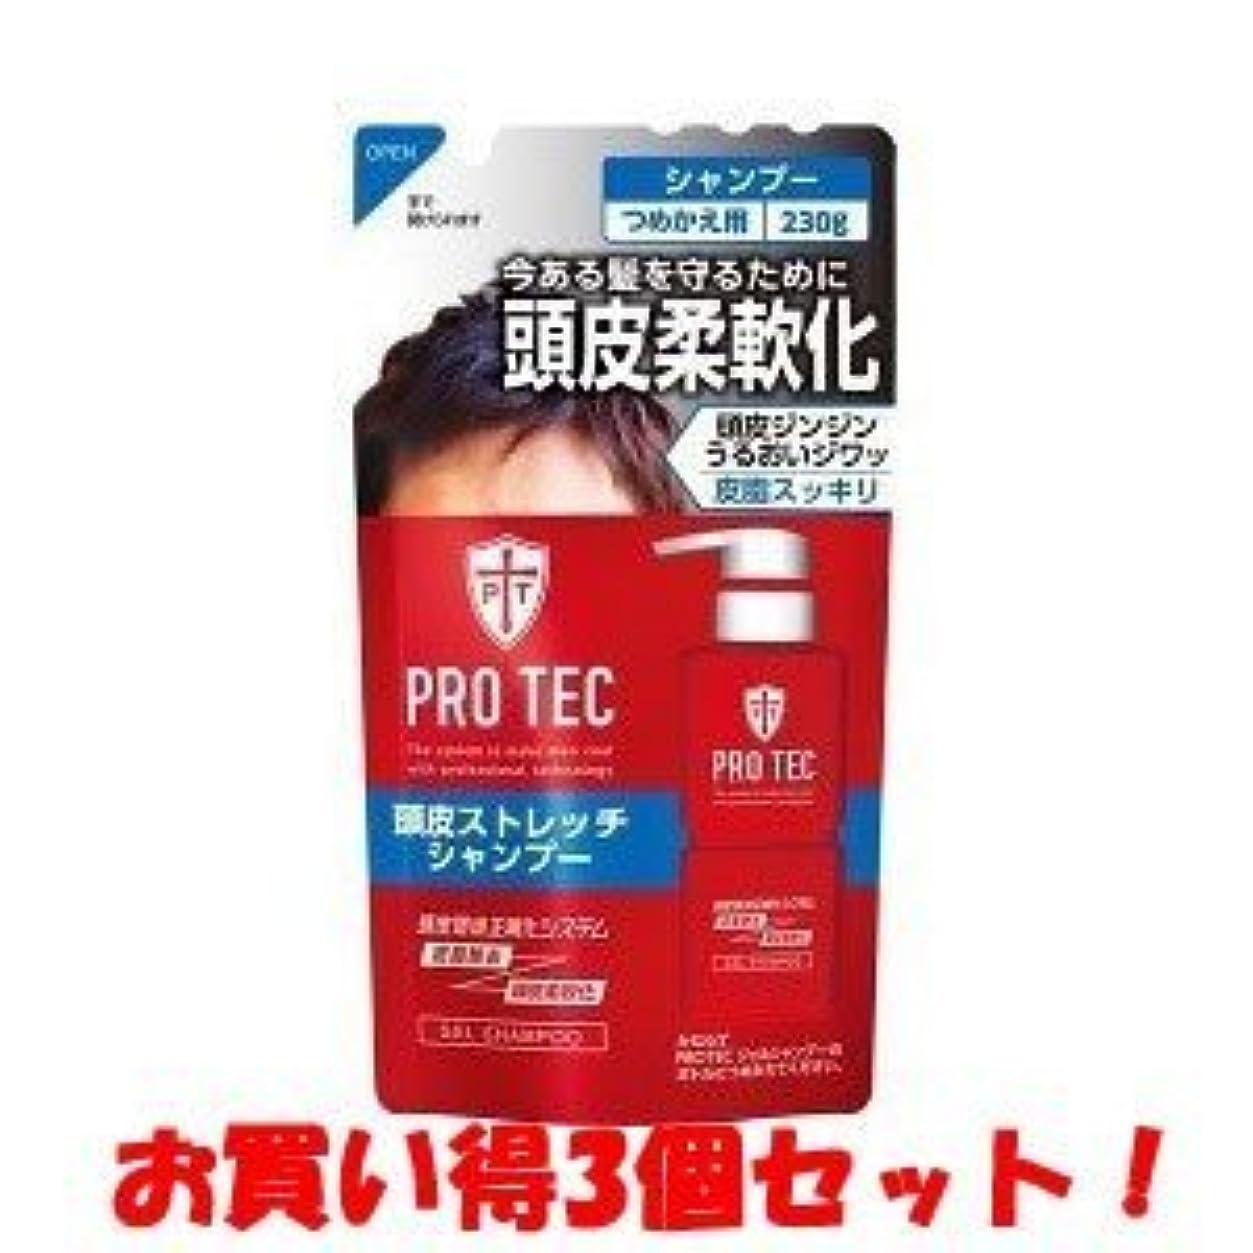 塩辛い粘着性ソロ(ライオン)PRO TEC(プロテク) 頭皮ストレッチ シャンプー つめかえ用 230g(医薬部外品)(お買い得3個セット)